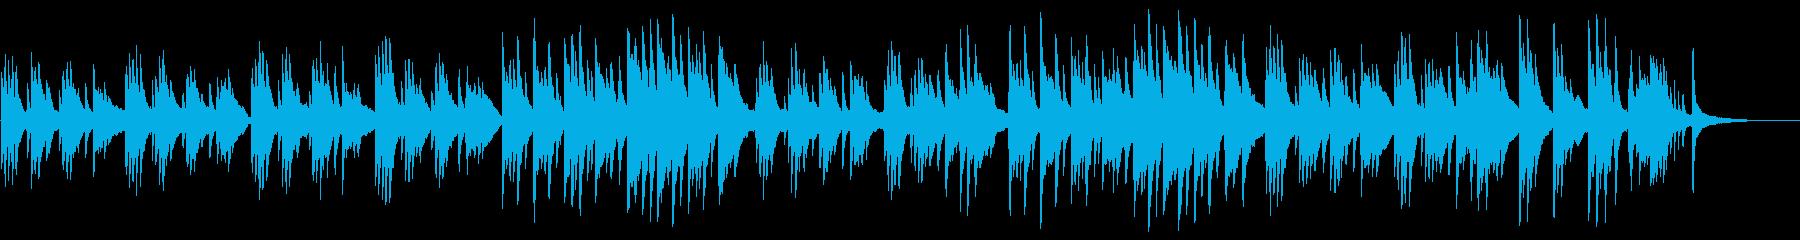 切ないピアノ曲の再生済みの波形